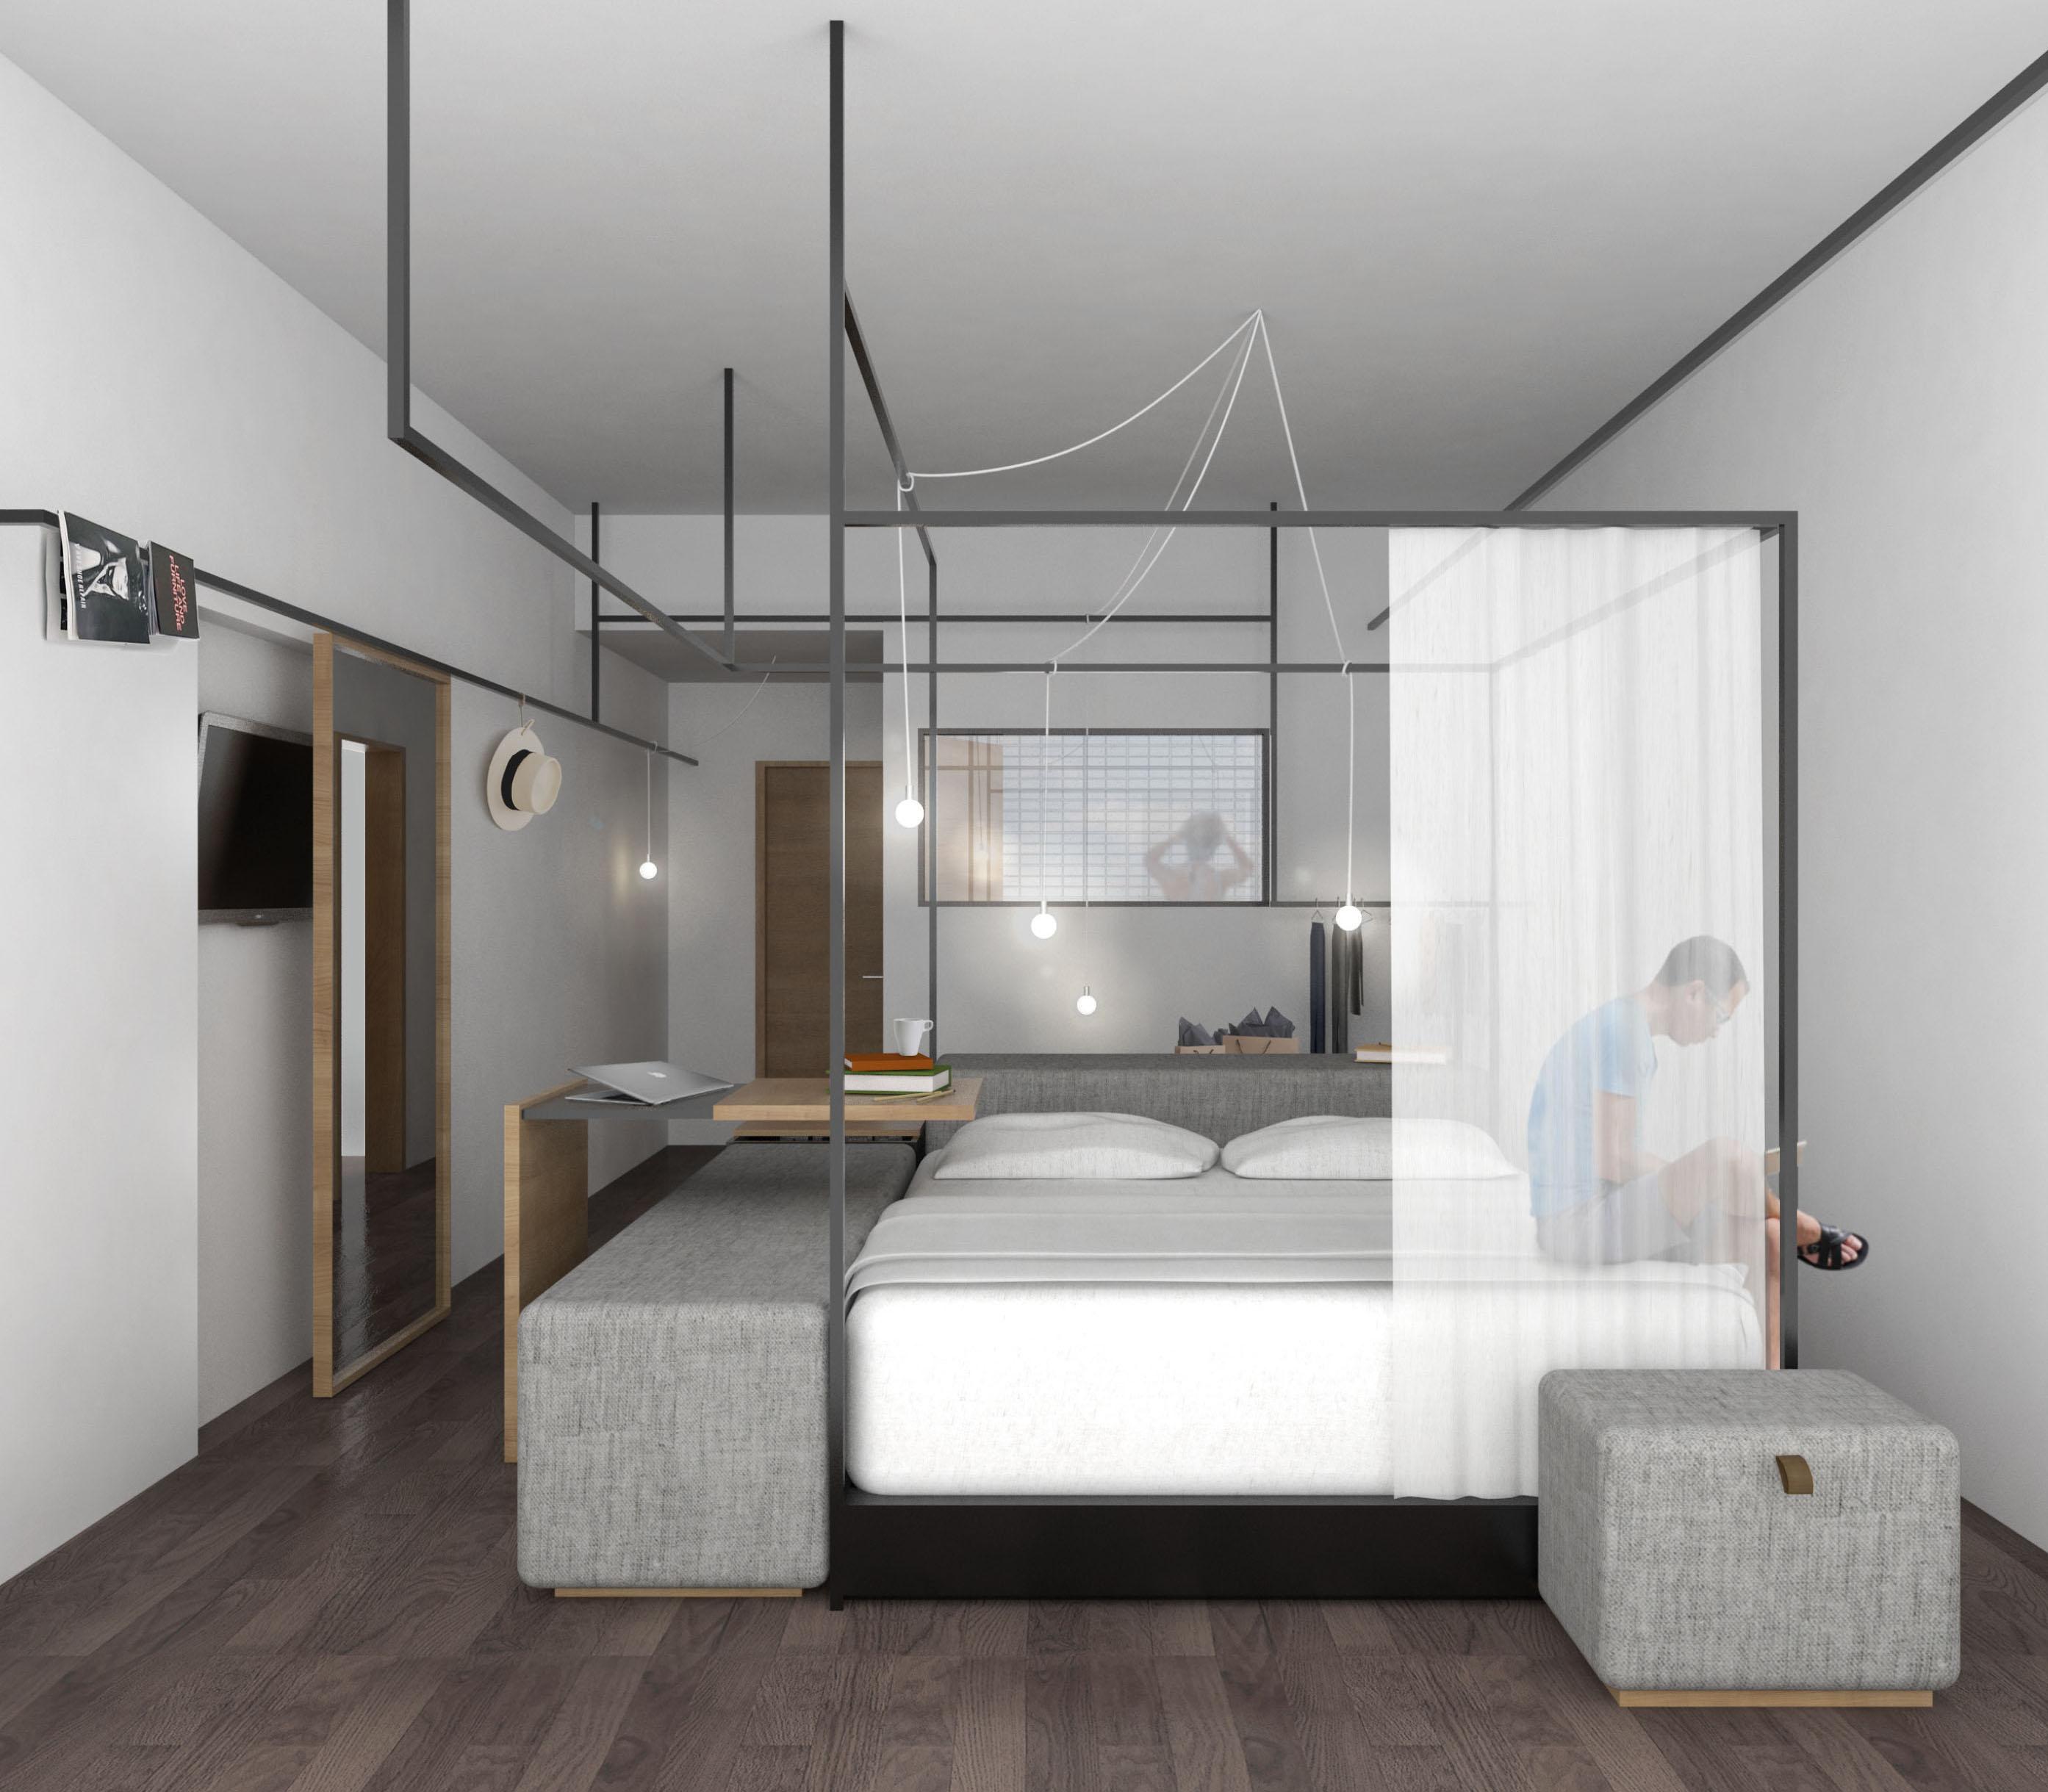 EUROSTARS HOTEL LAB MAIN